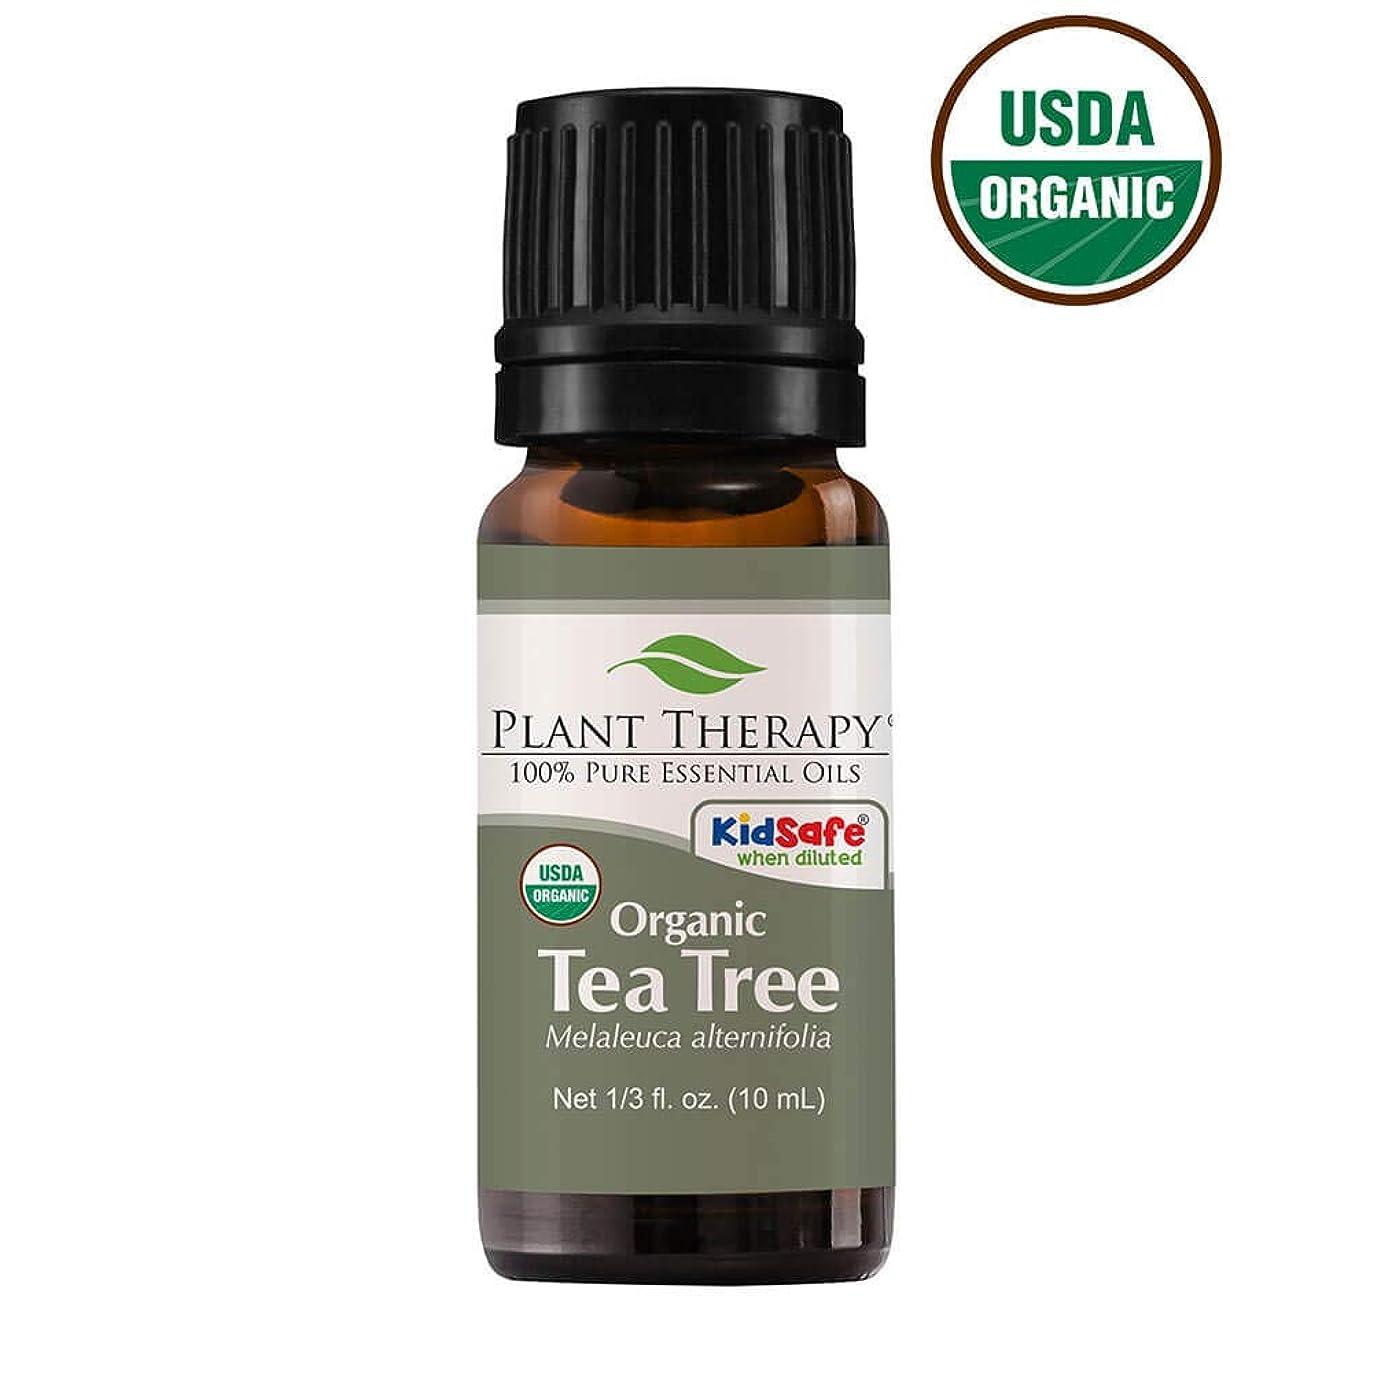 驚かすドック削除するPlant Therapy Essential Oils (プラントセラピー エッセンシャルオイル) オーガニック ティーツリー (メラルーカ) エッセンシャルオイル